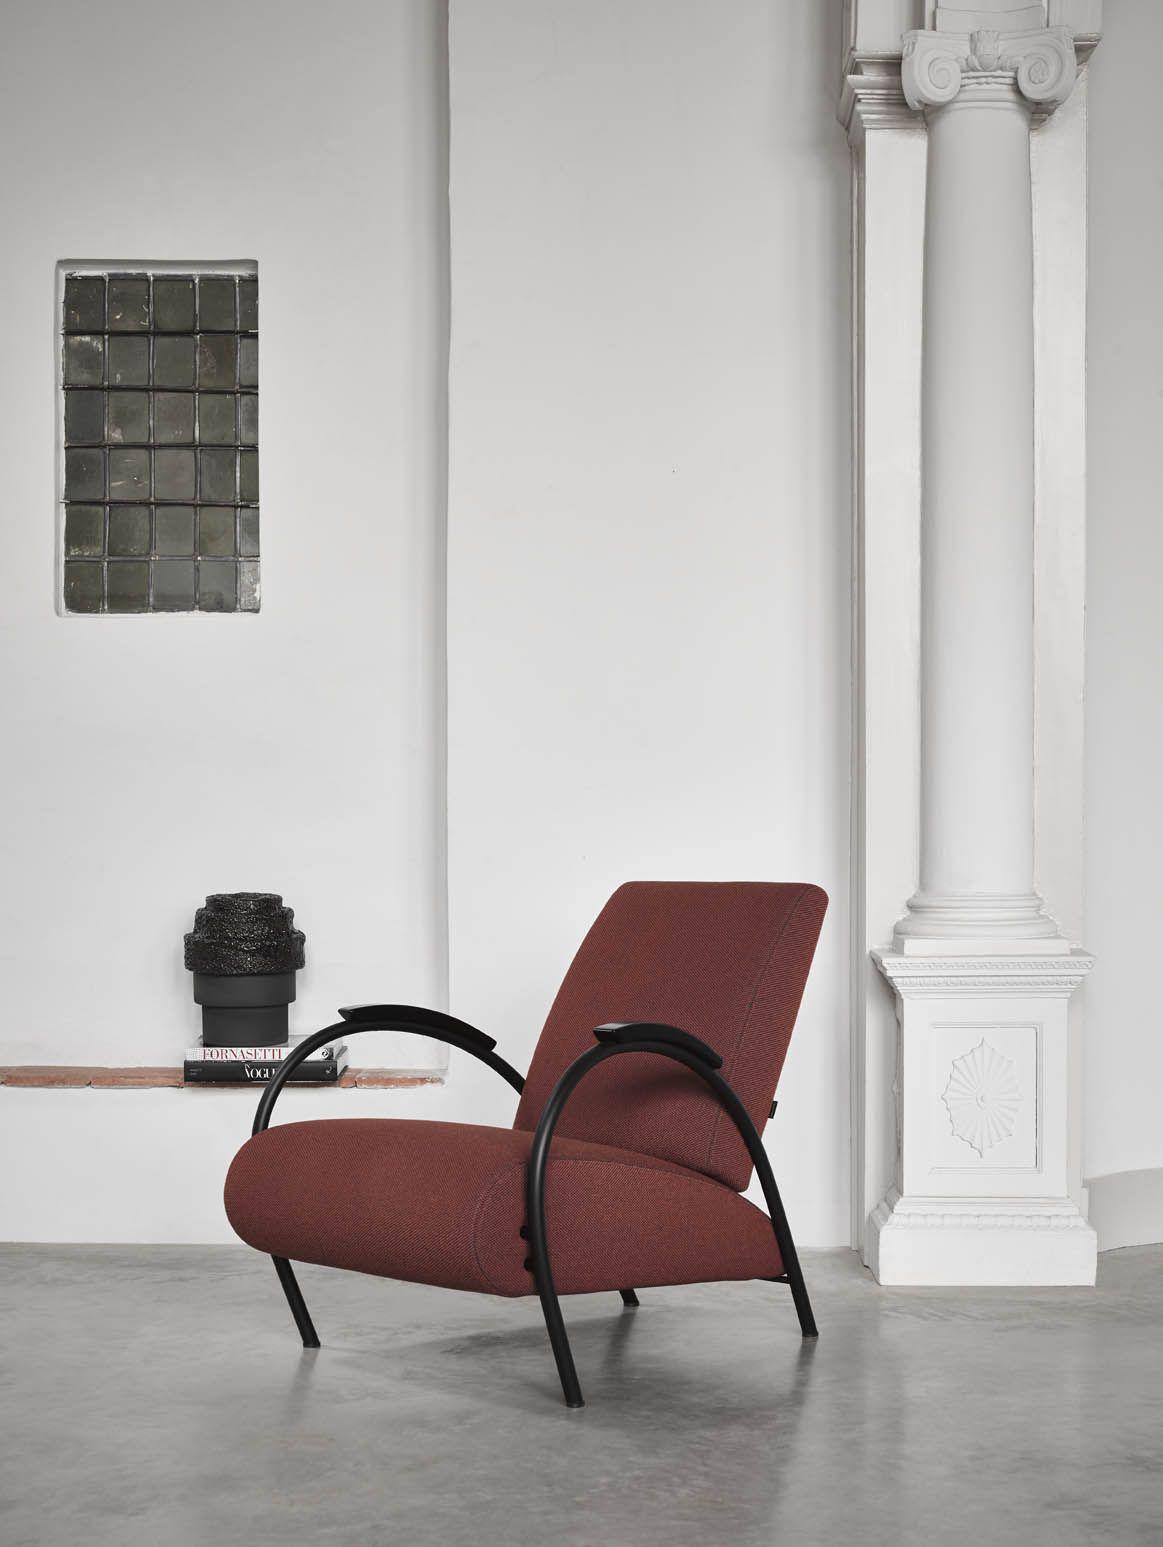 Jan De Bouvrie Stoelen Gelderland.Gelderland Fauteuil 5770 Design Jan Des Bouvrie Met Zwart Frame In